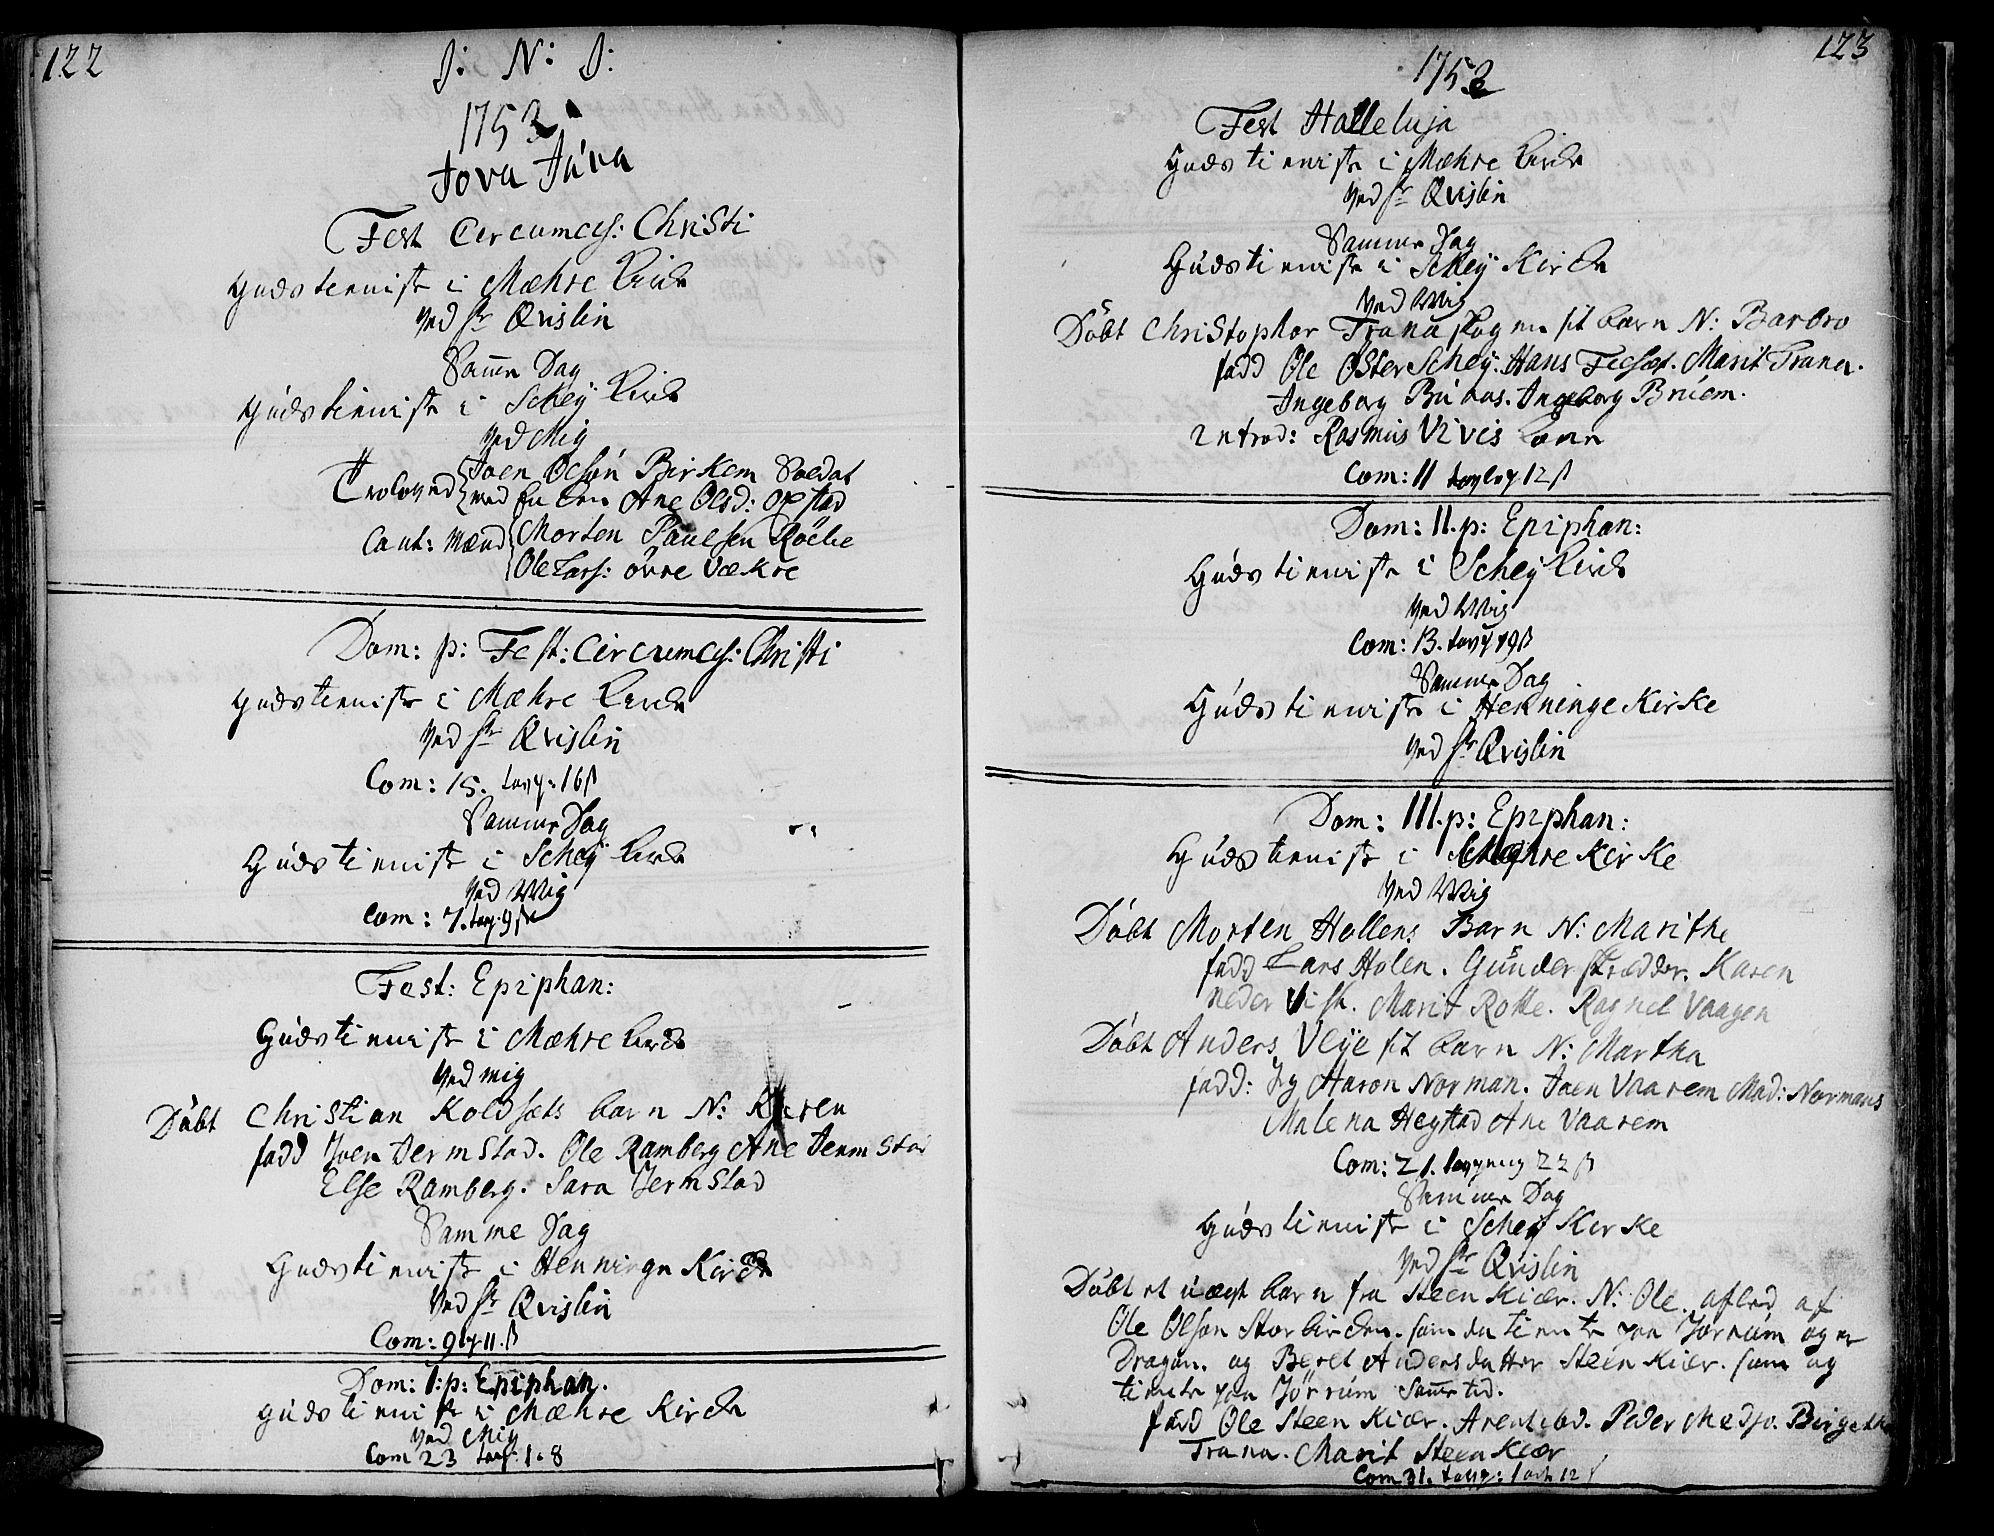 SAT, Ministerialprotokoller, klokkerbøker og fødselsregistre - Nord-Trøndelag, 735/L0330: Ministerialbok nr. 735A01, 1740-1766, s. 122-123